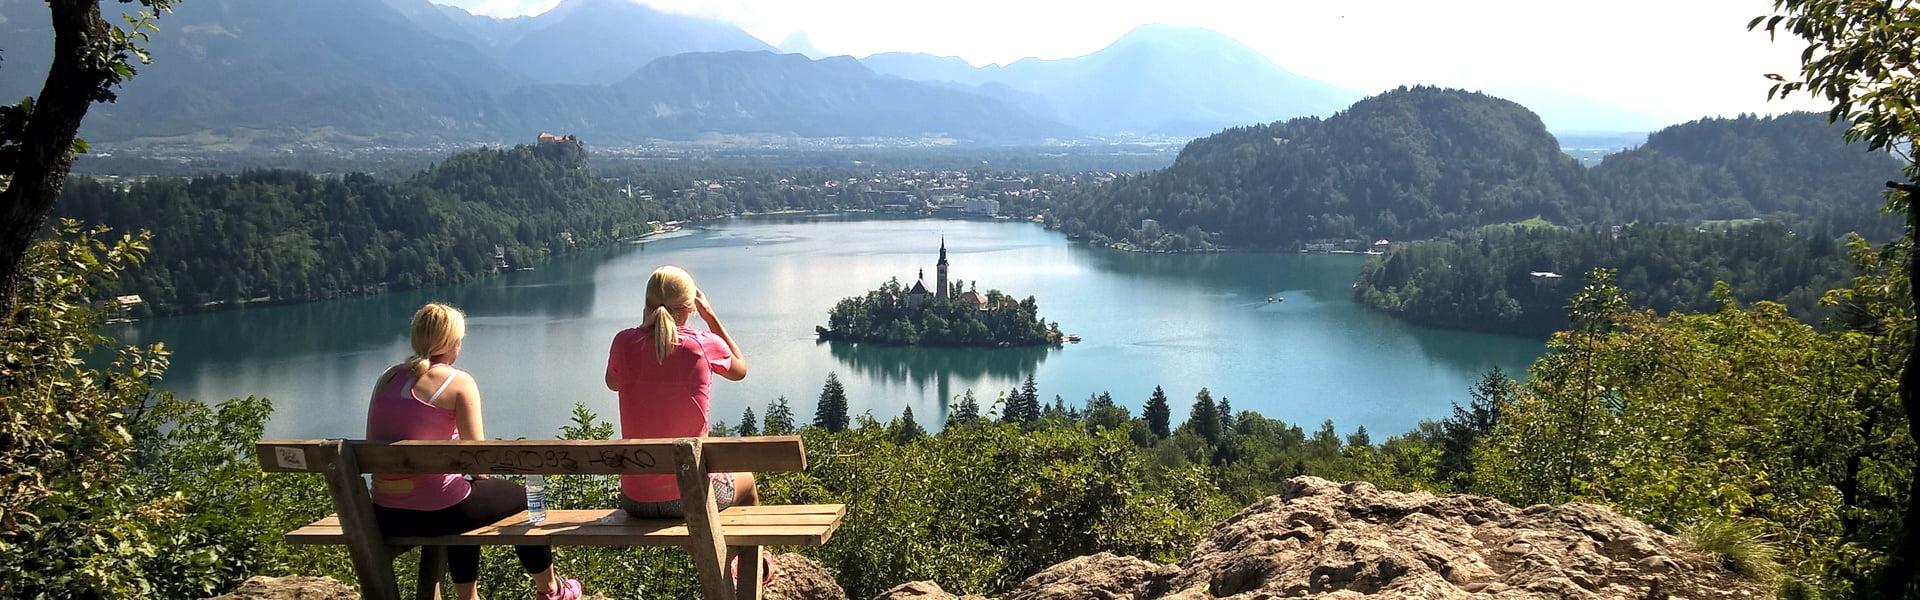 Slovenië | Wandelen door een bijzonder landschap